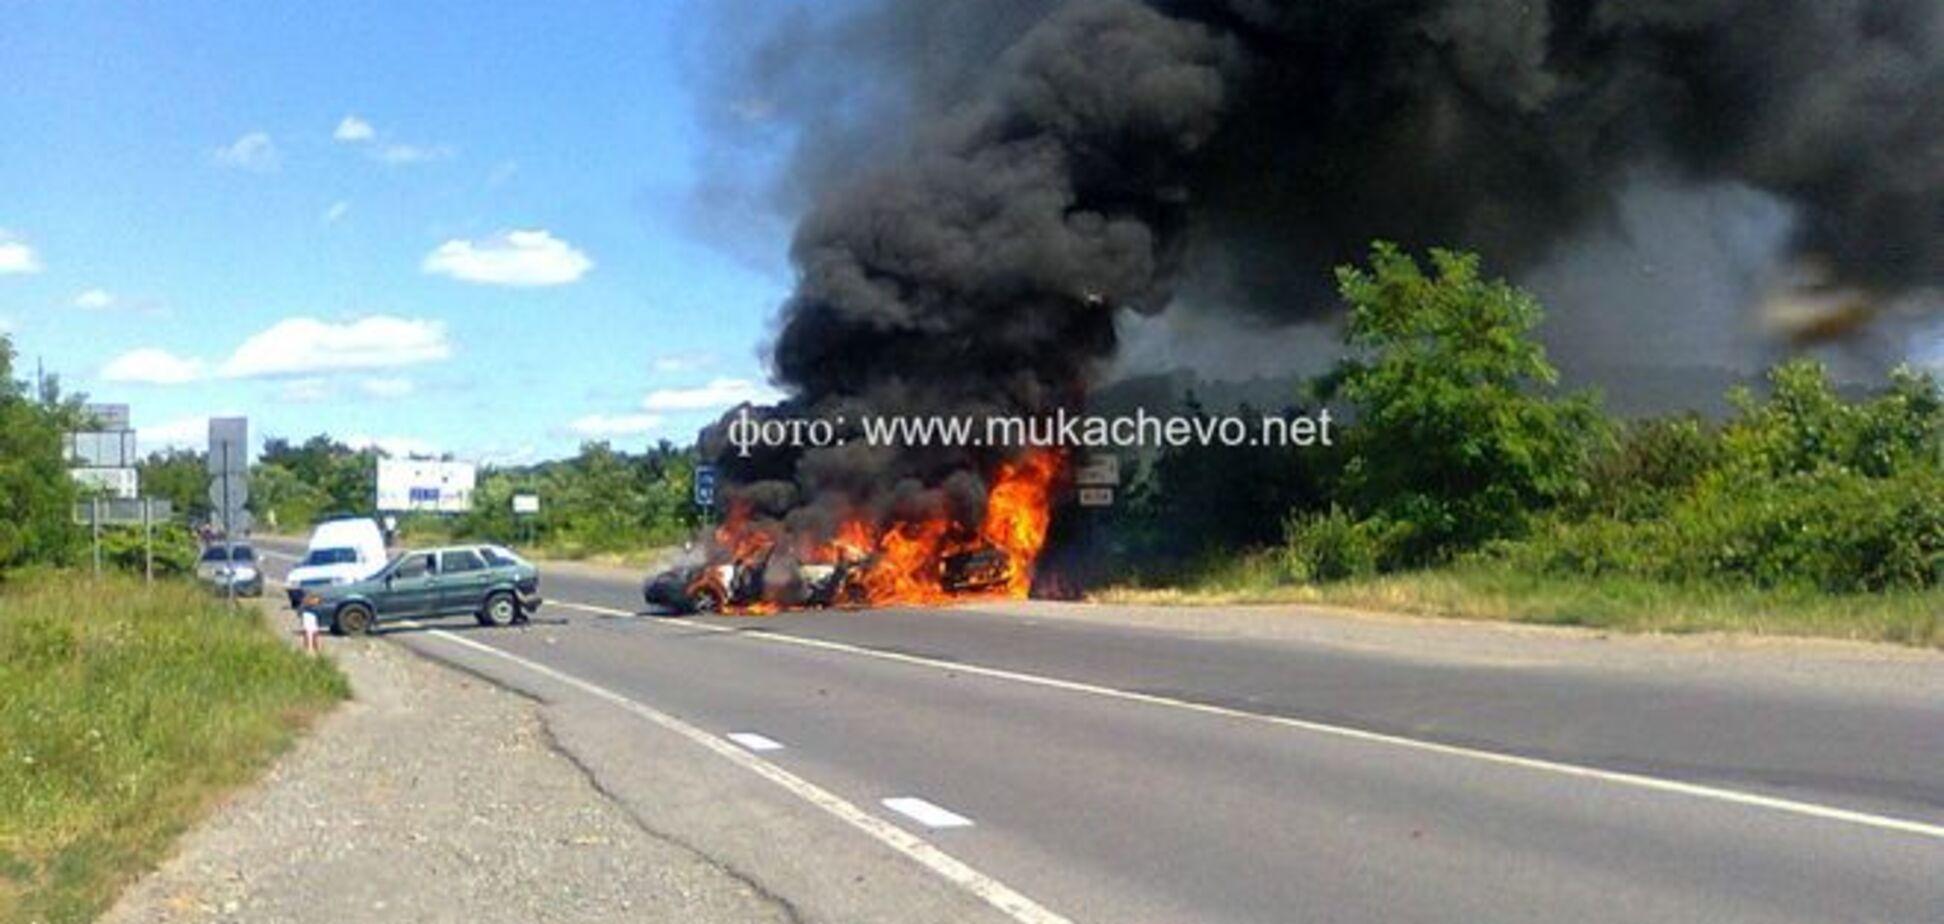 Ситуацией в Закарпатье могут воспользоваться местные сепаратисты - активист